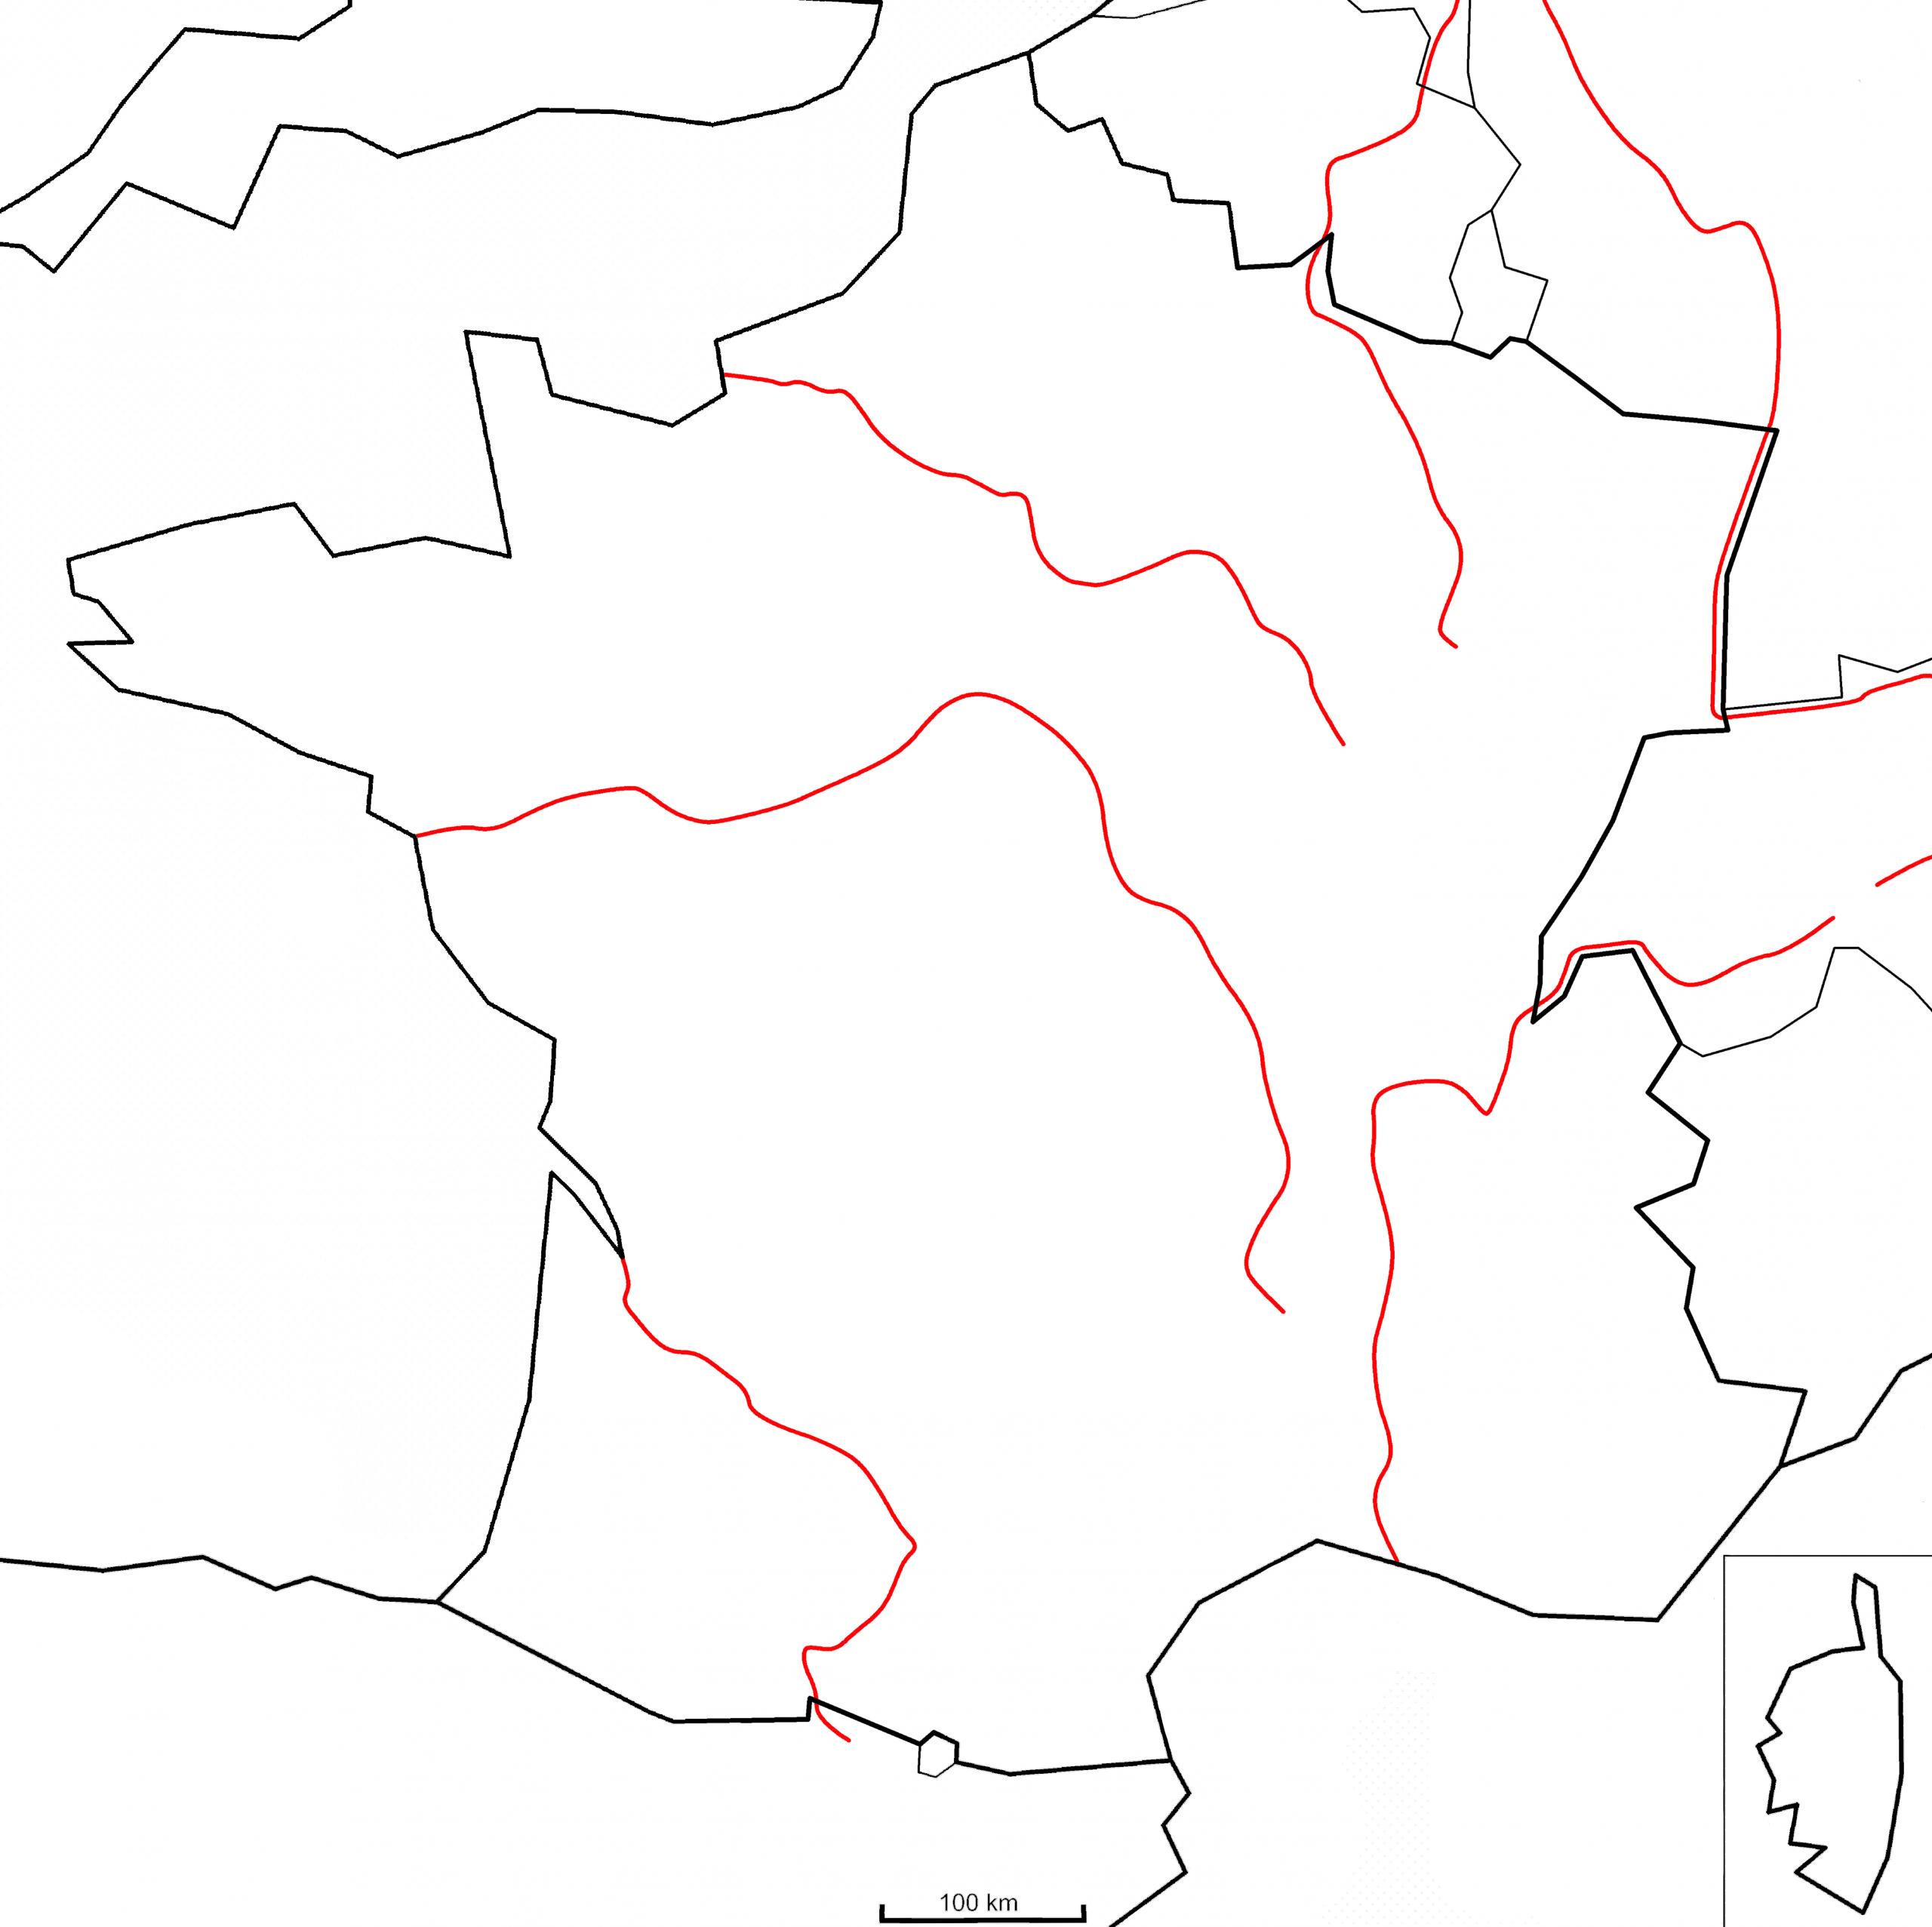 Géographie - (Page 2) - Montessori Etcie concernant Carte Vierge De La France